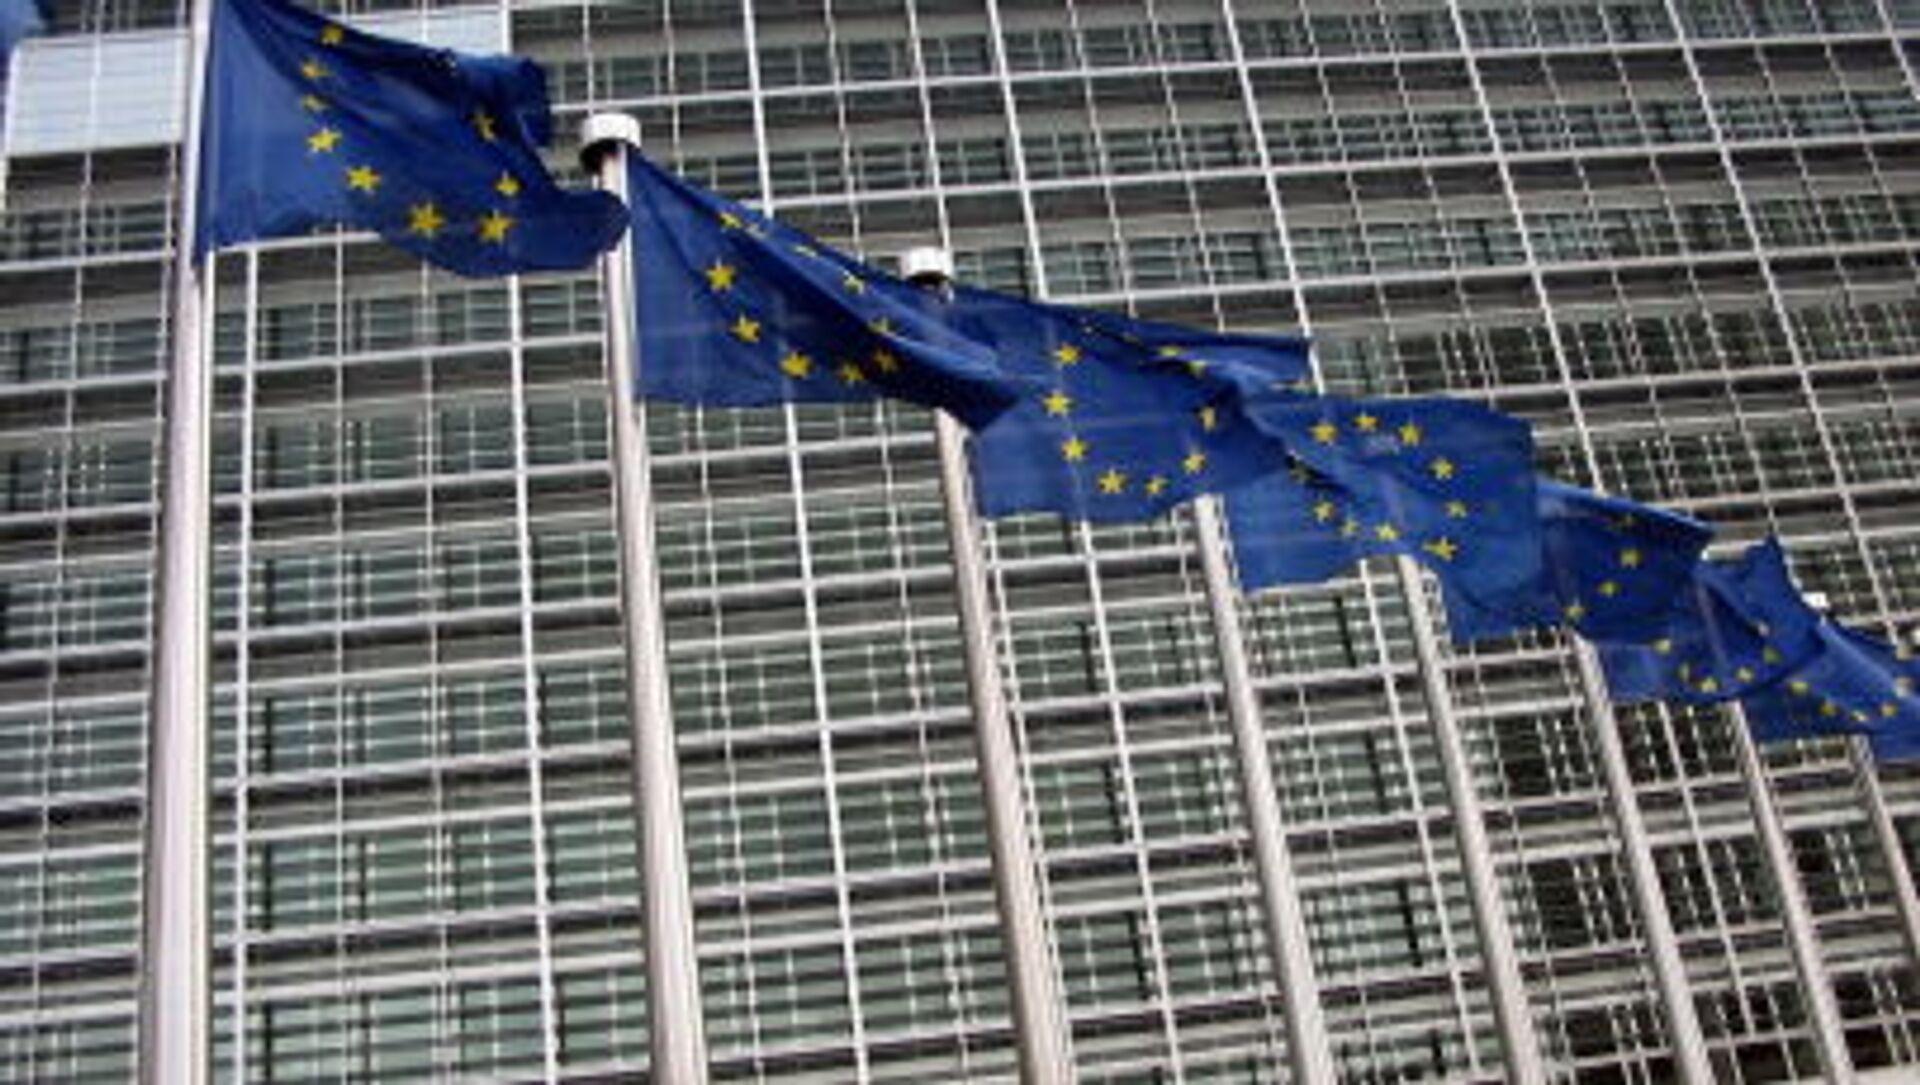 Những lá cờ của EU trên tòa nhà trụ sở Ủy ban châu Âu - Sputnik Việt Nam, 1920, 15.04.2021